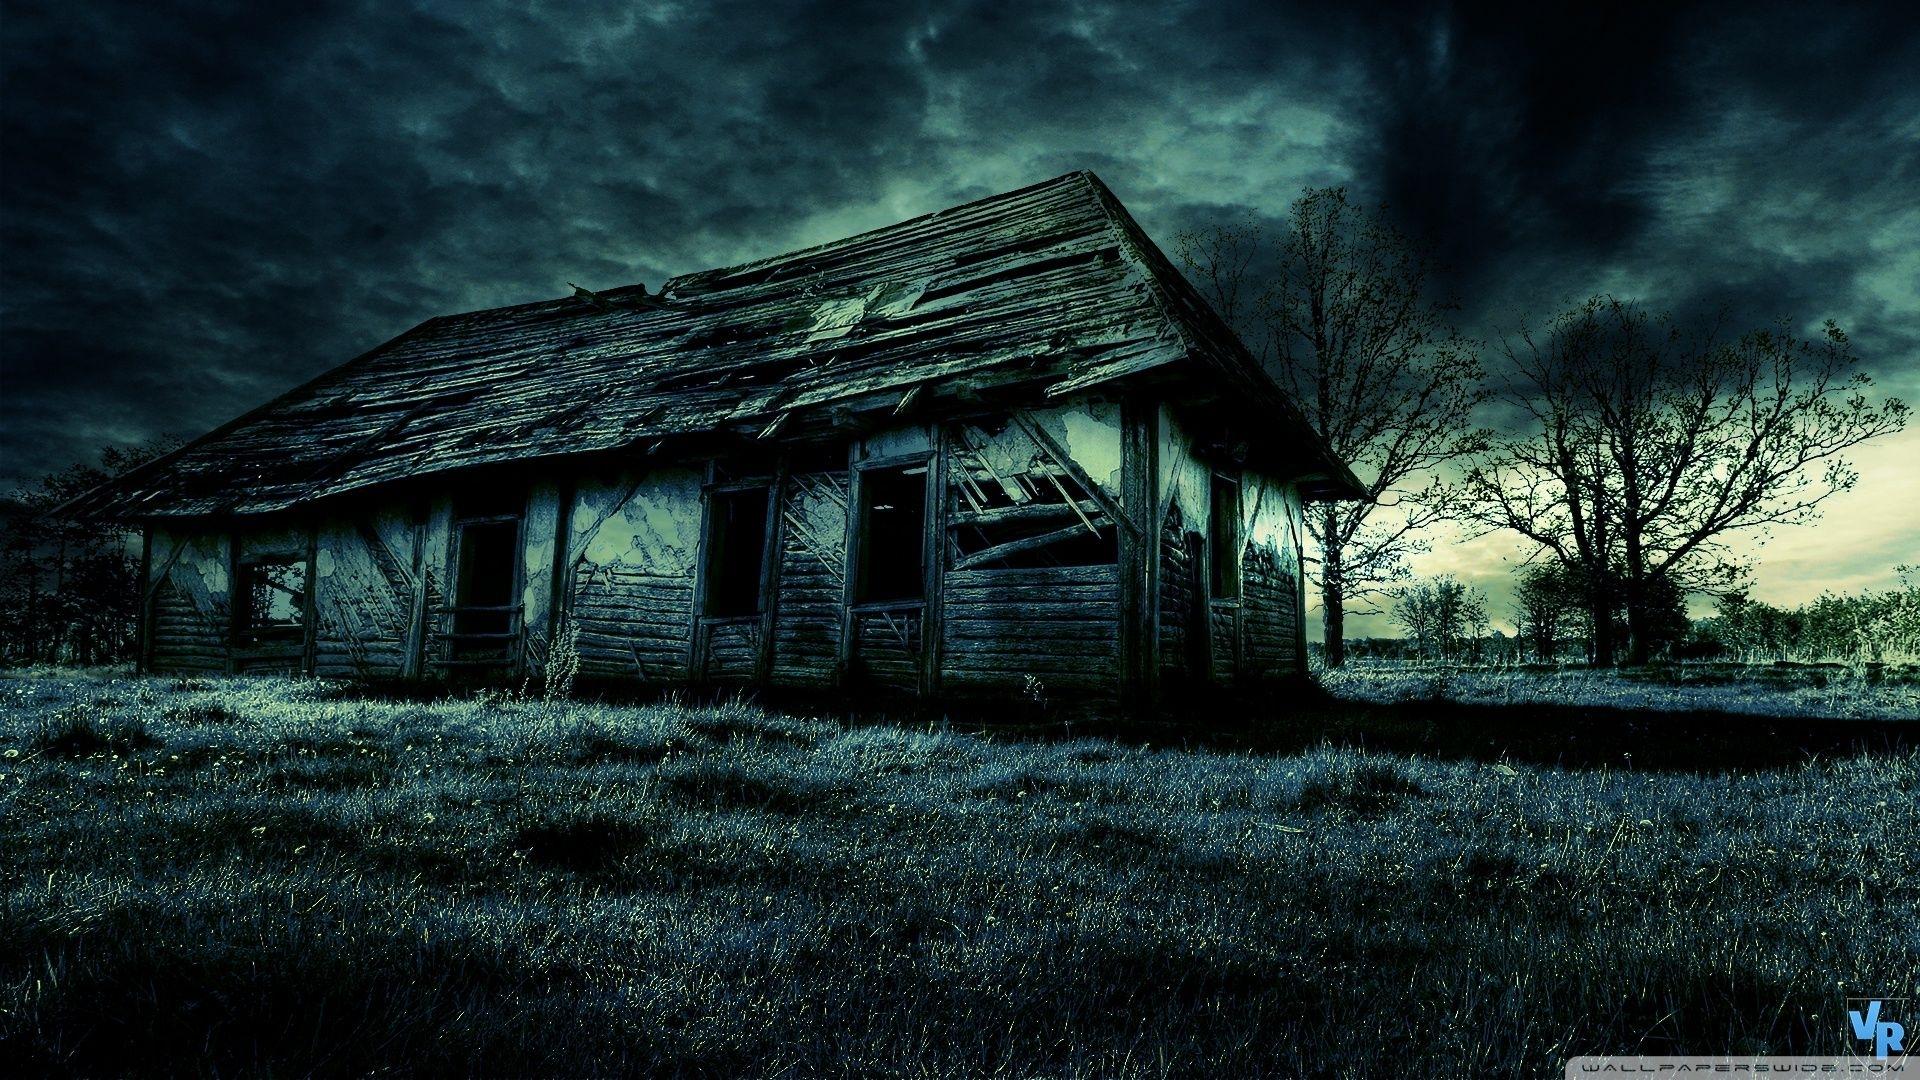 dark old house hd desktop wallpaper widescreen high definition | hd